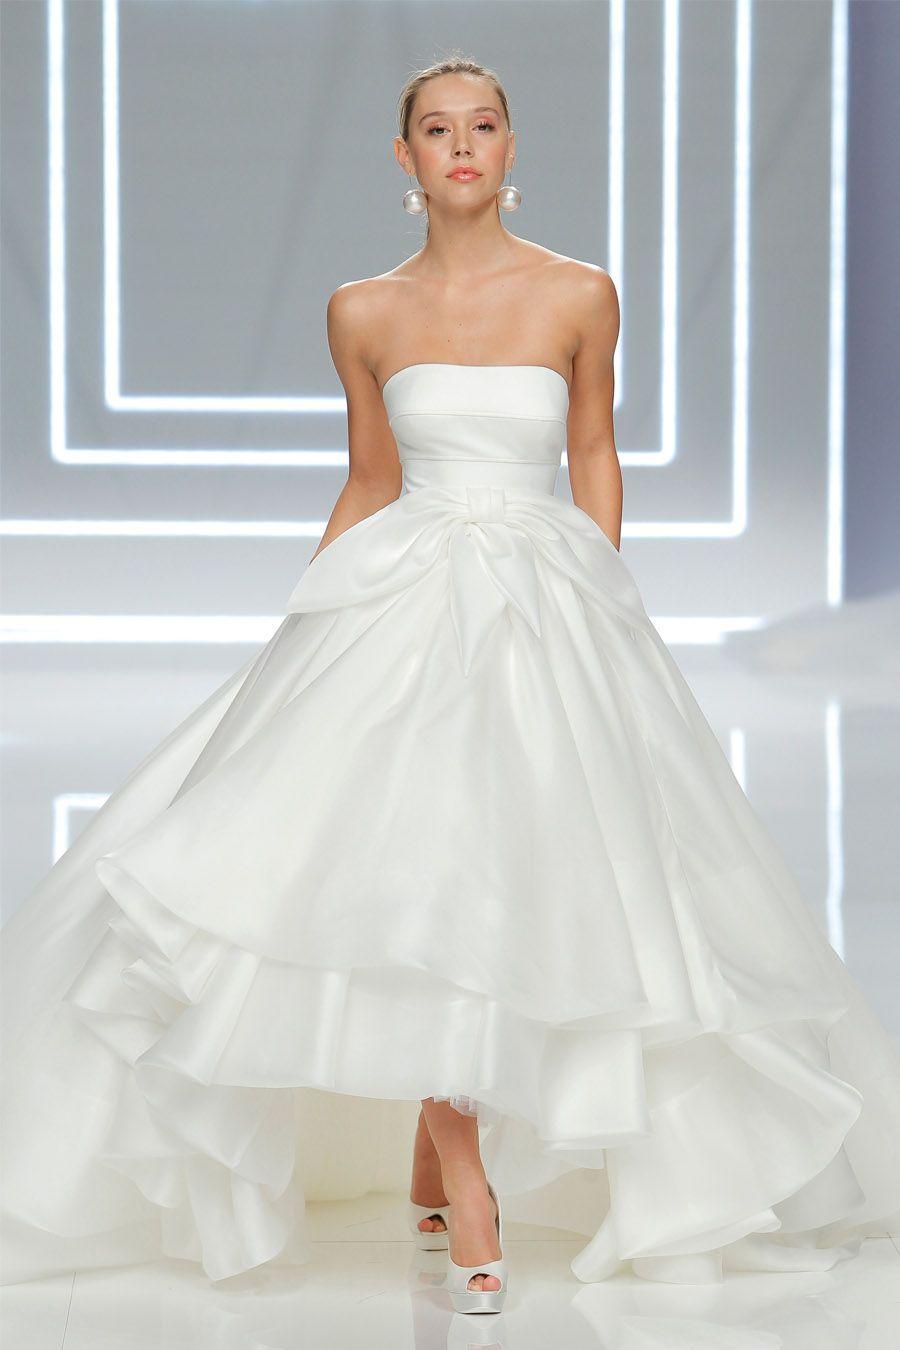 Famous wedding dresses  ROSA CLARÁ COLECCIÓN   Wedding Dresses  Pinterest  Wedding